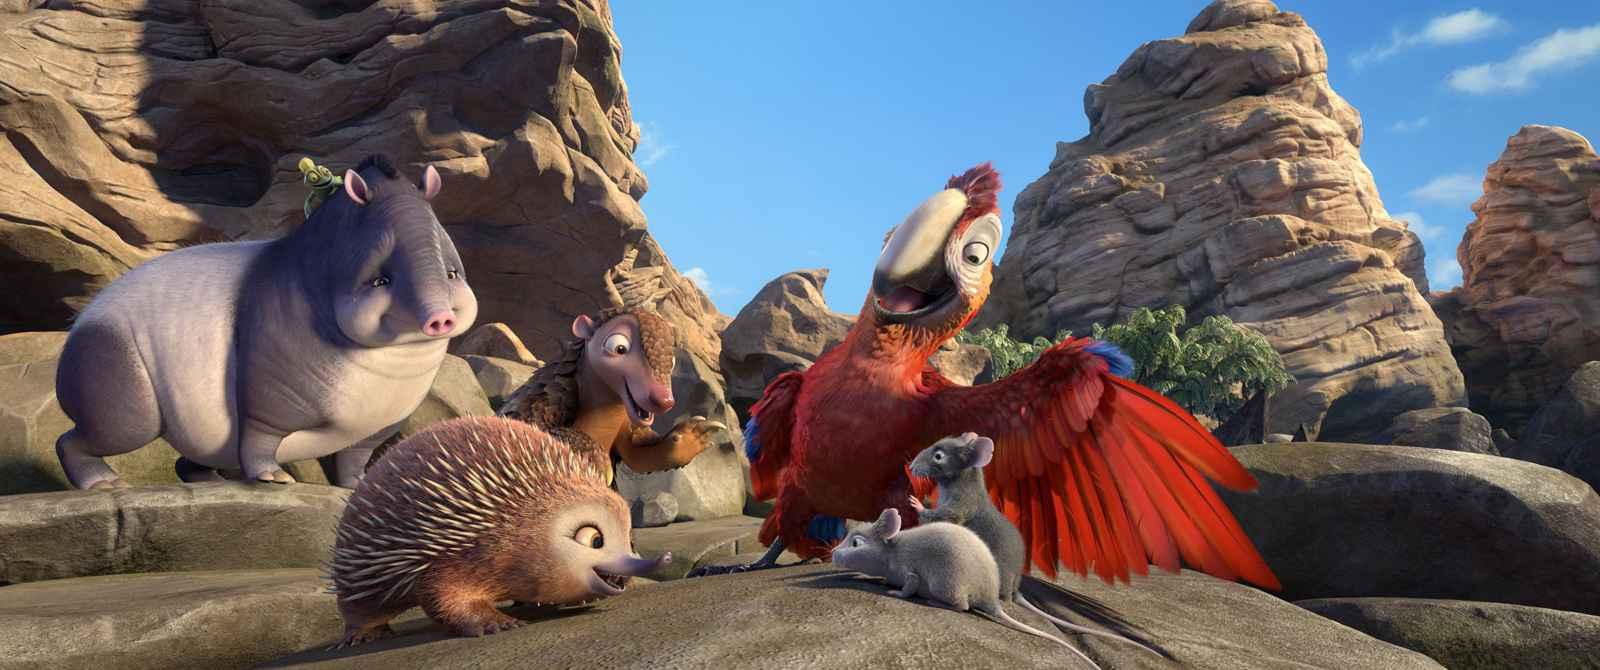 Toute une faune d 39 animaux anim s vole la vedette robinson cruso - Mercredi robinson crusoe ...